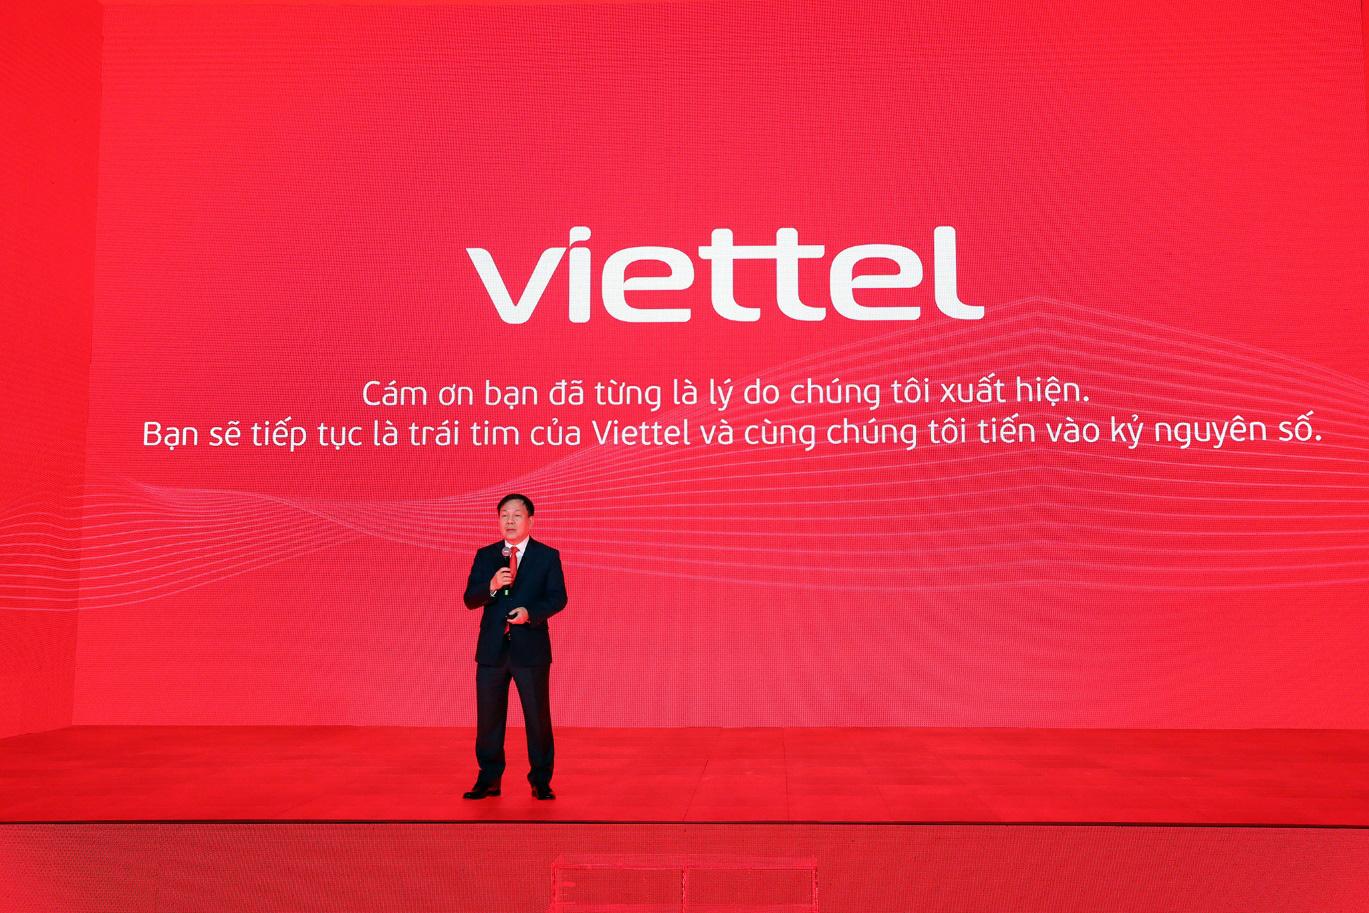 Những điều chưa từng có ở sự kiện ra mắt logo Viettel mới - Ảnh 1.